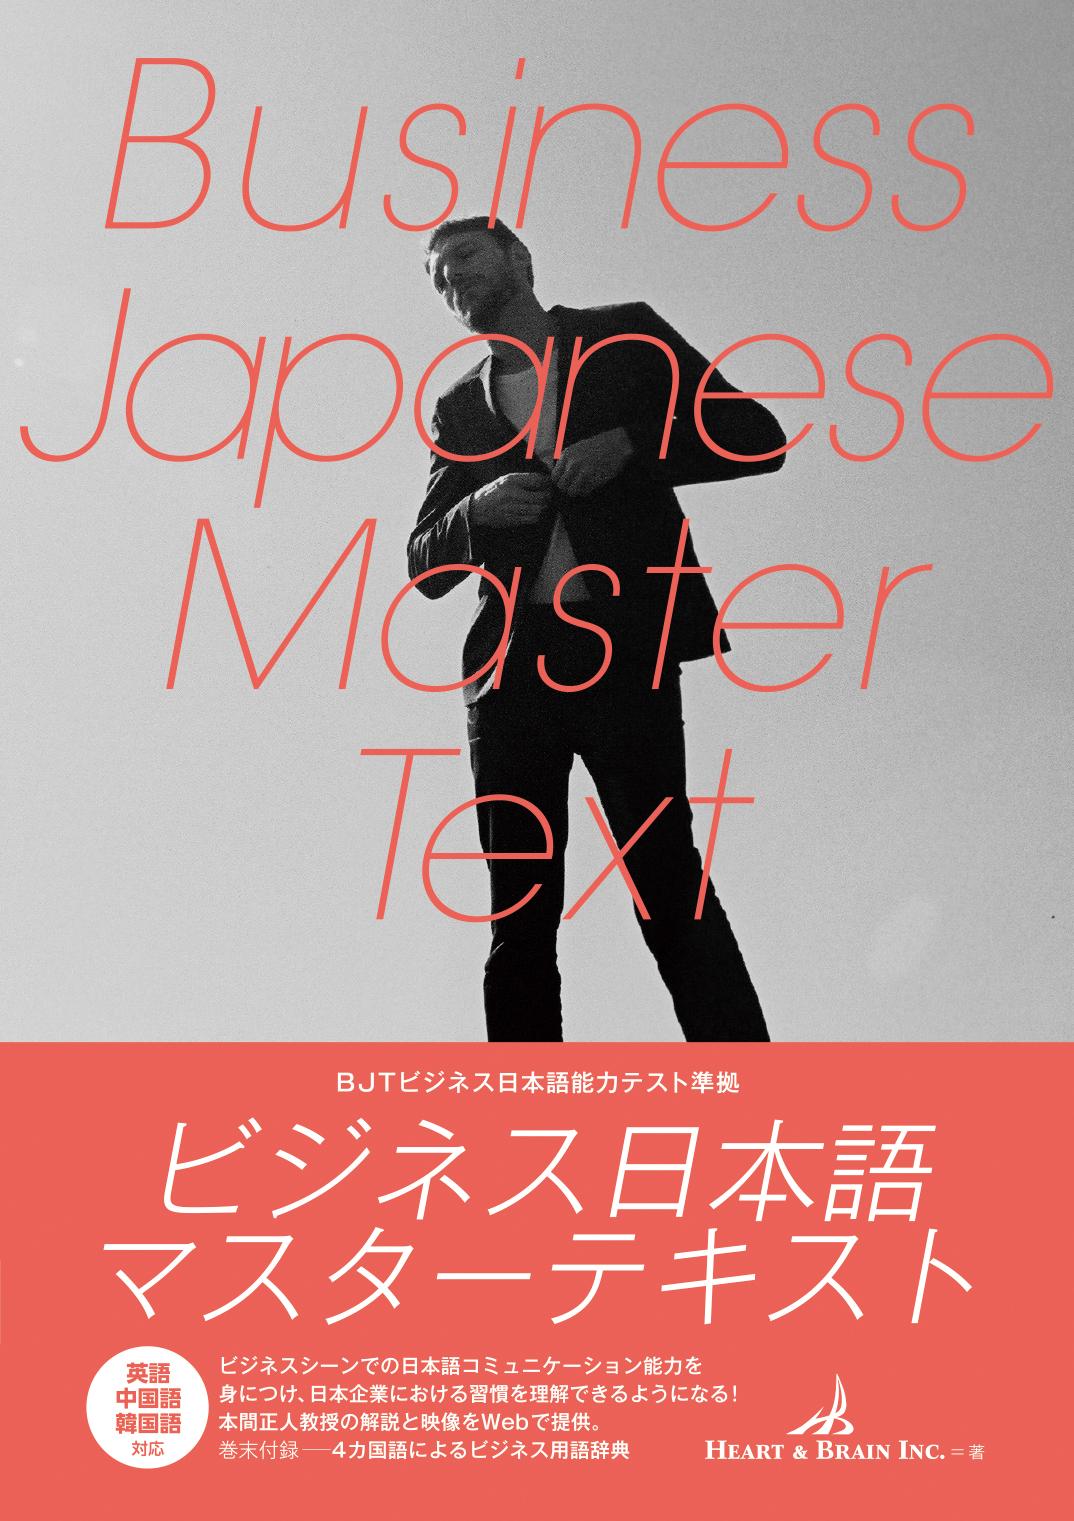 ビジネス日本語マスターテキスト画像